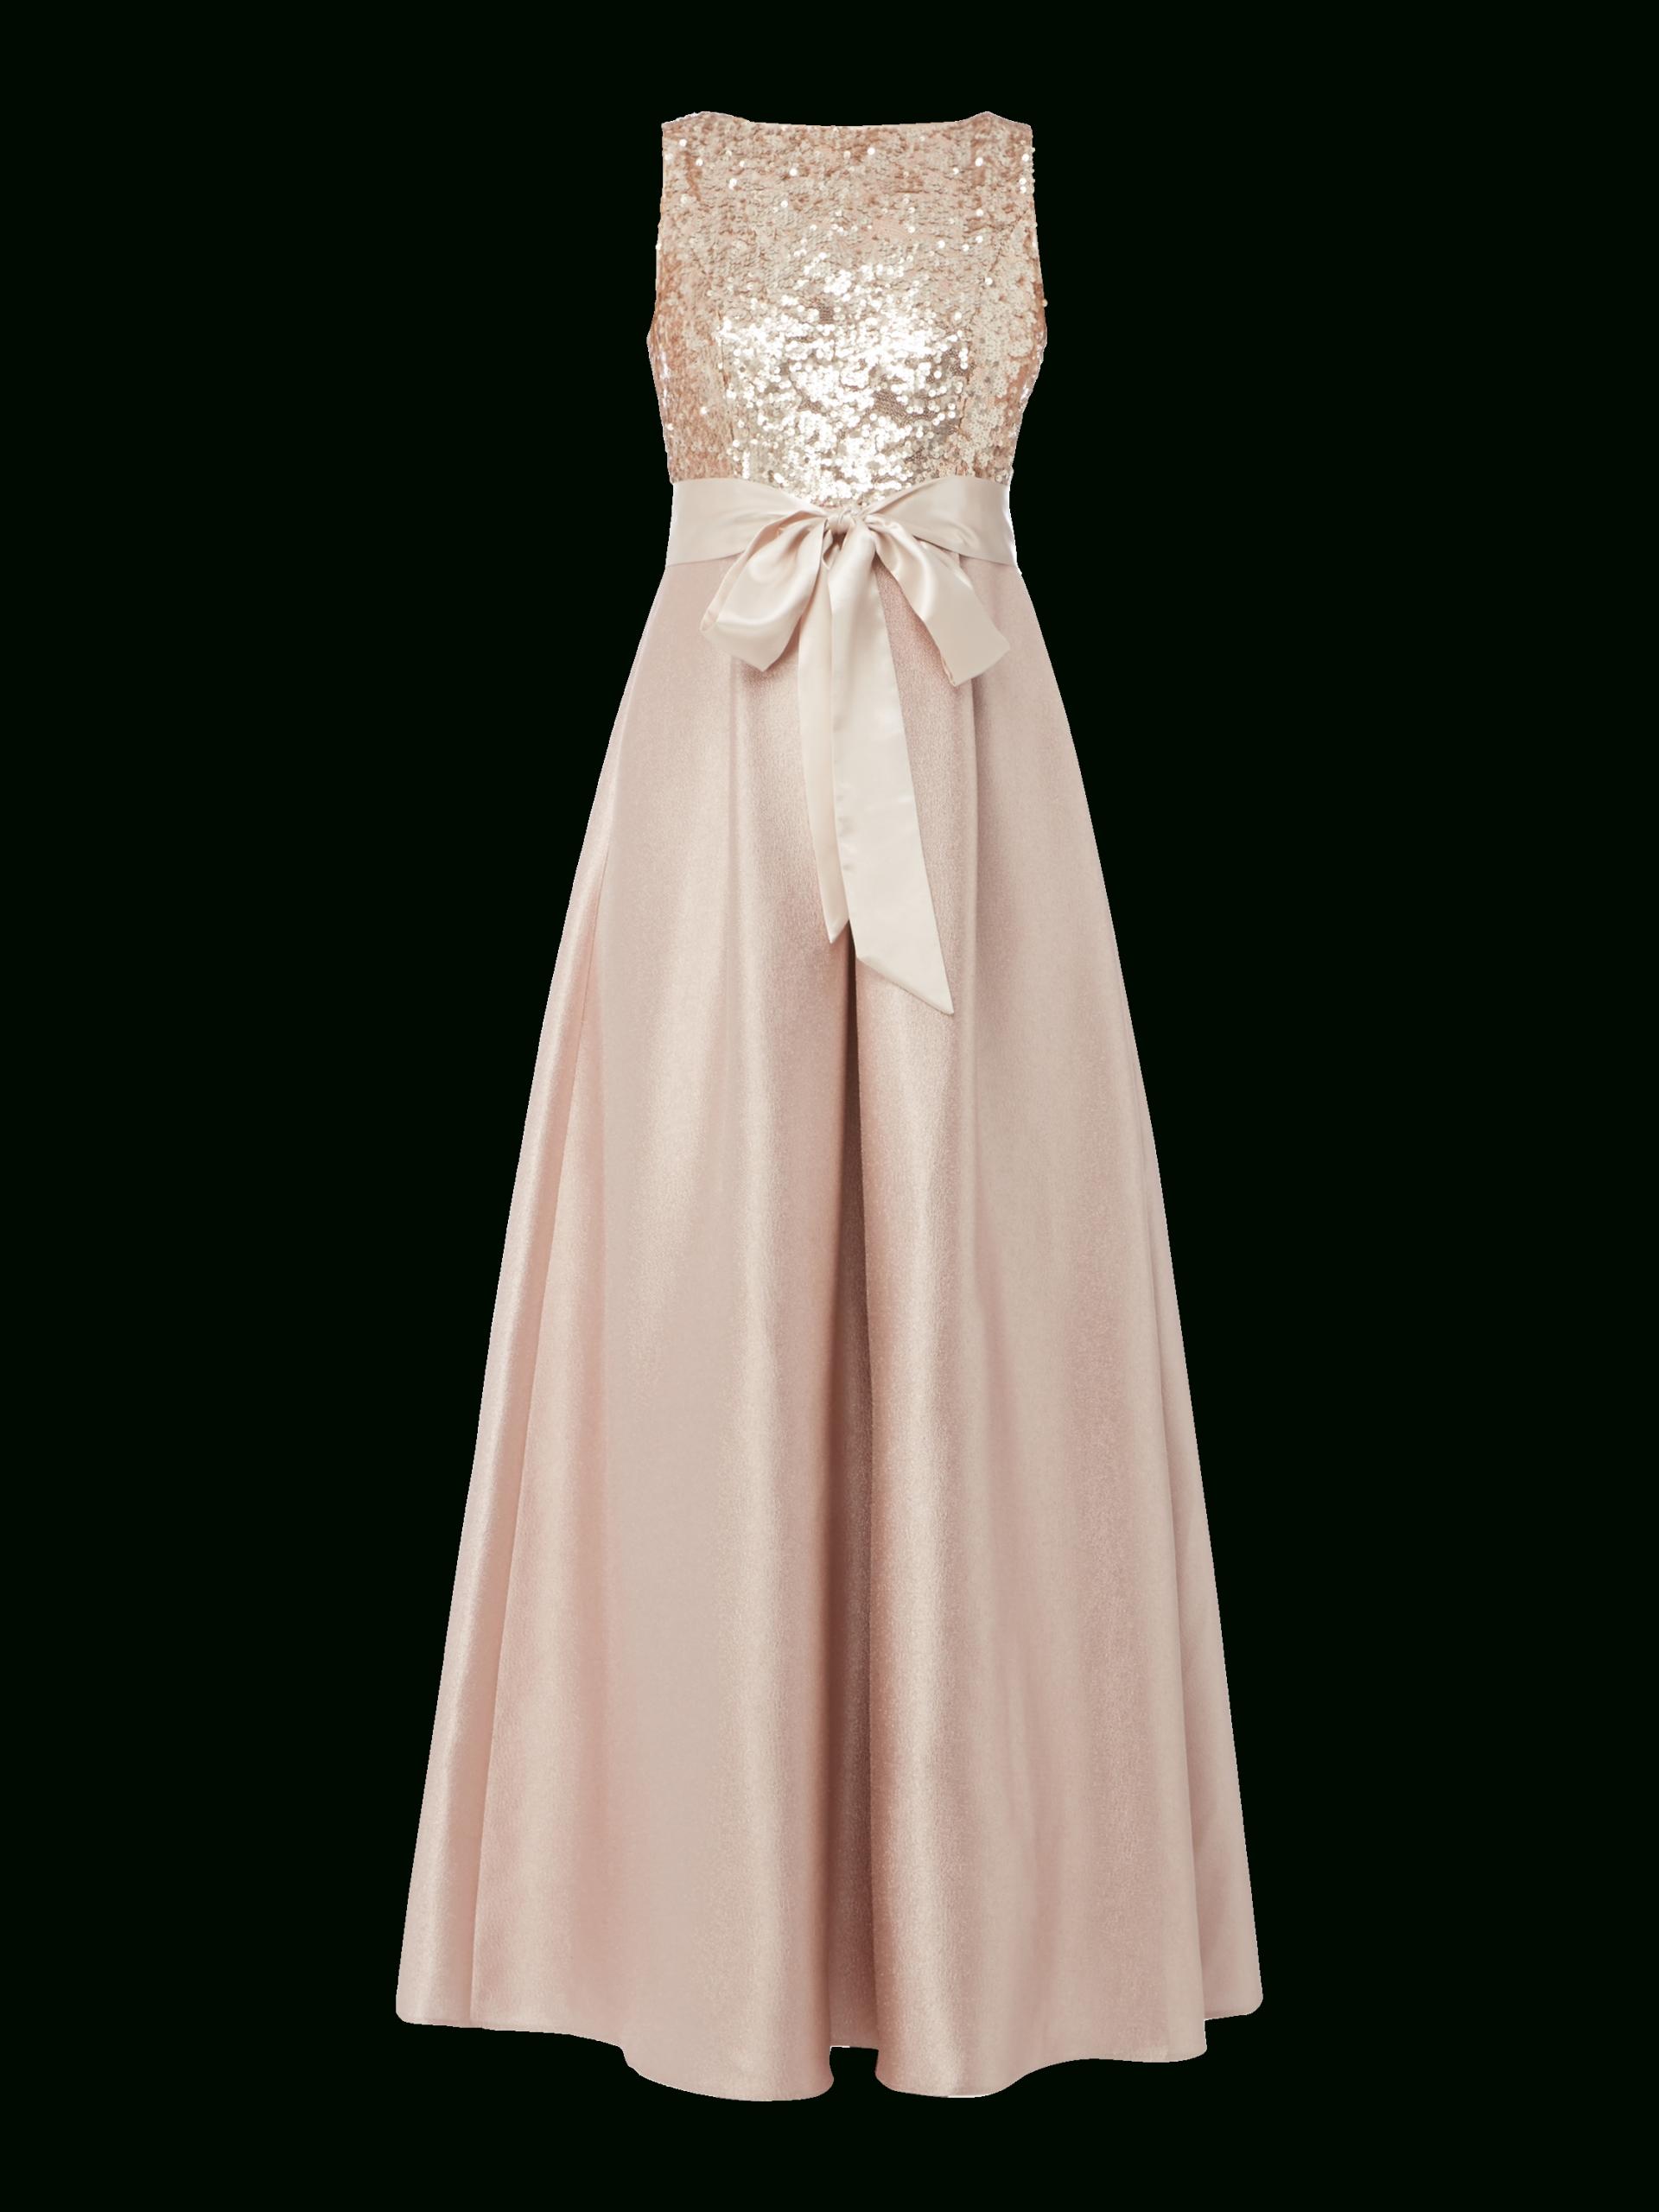 Großartig Abendkleid Lang 34 Bester Preis15 Wunderbar Abendkleid Lang 34 Galerie